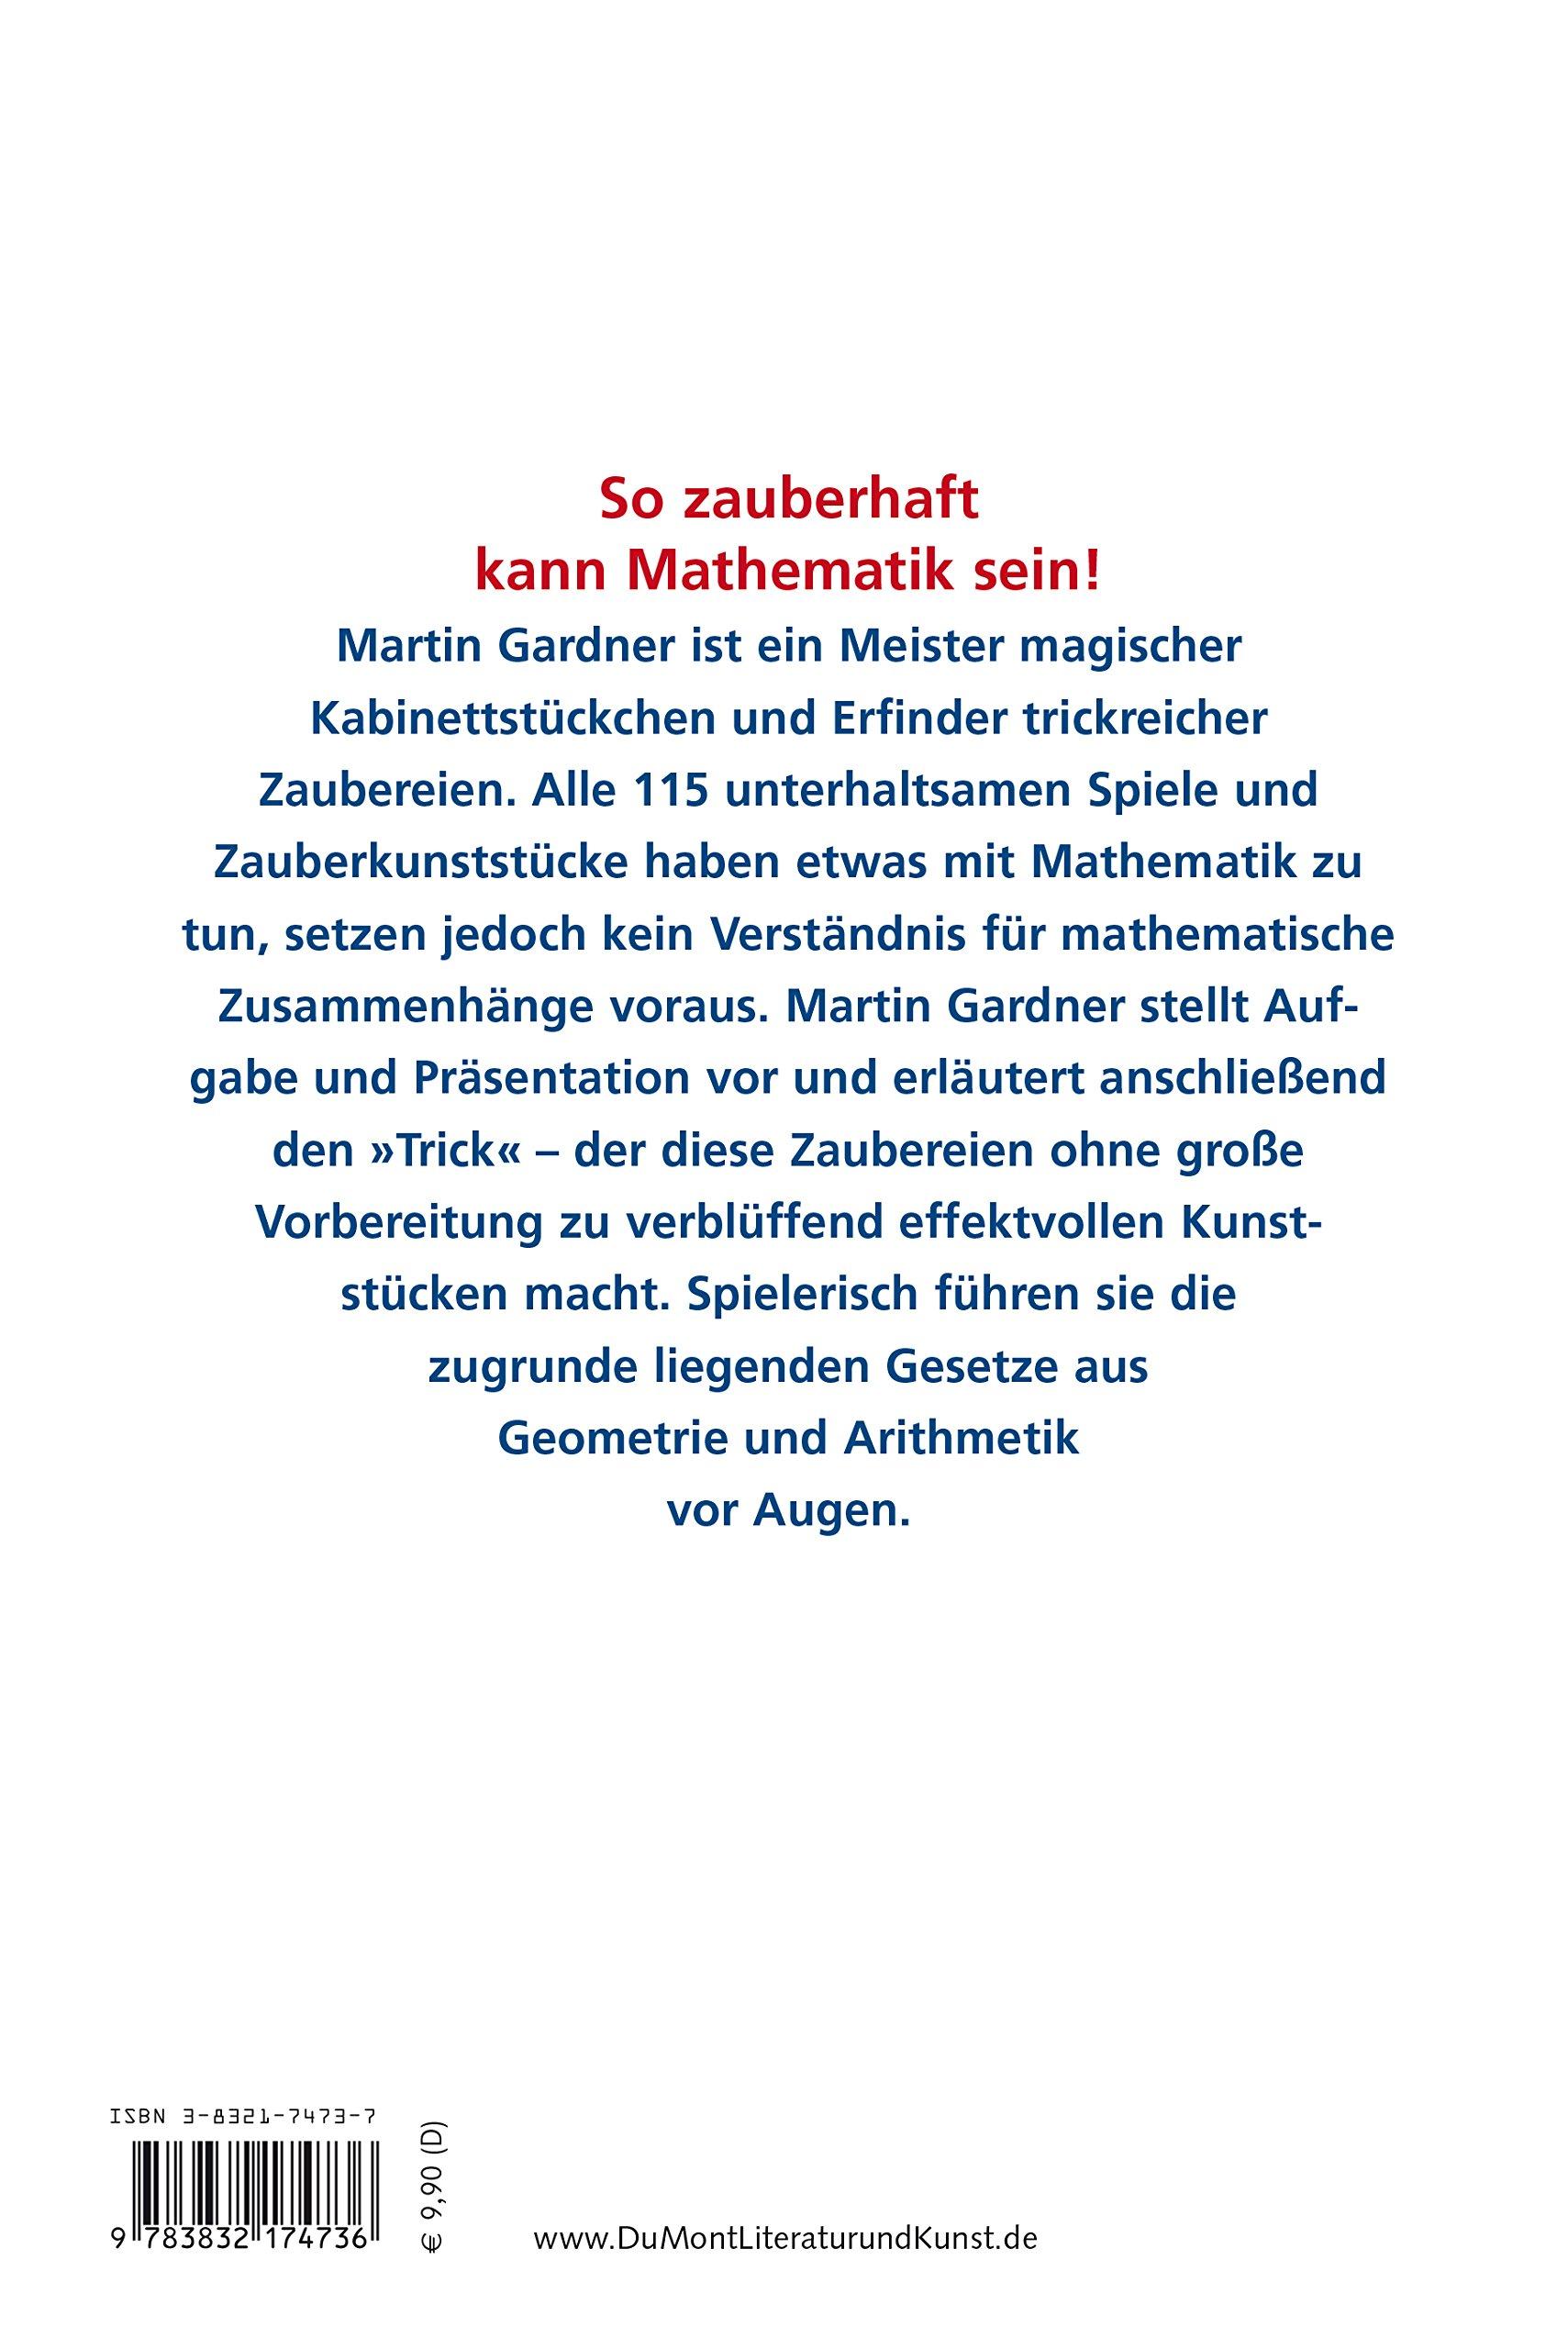 Niedlich Mathematik Zu Tun Galerie - Gemischte Übungen ...